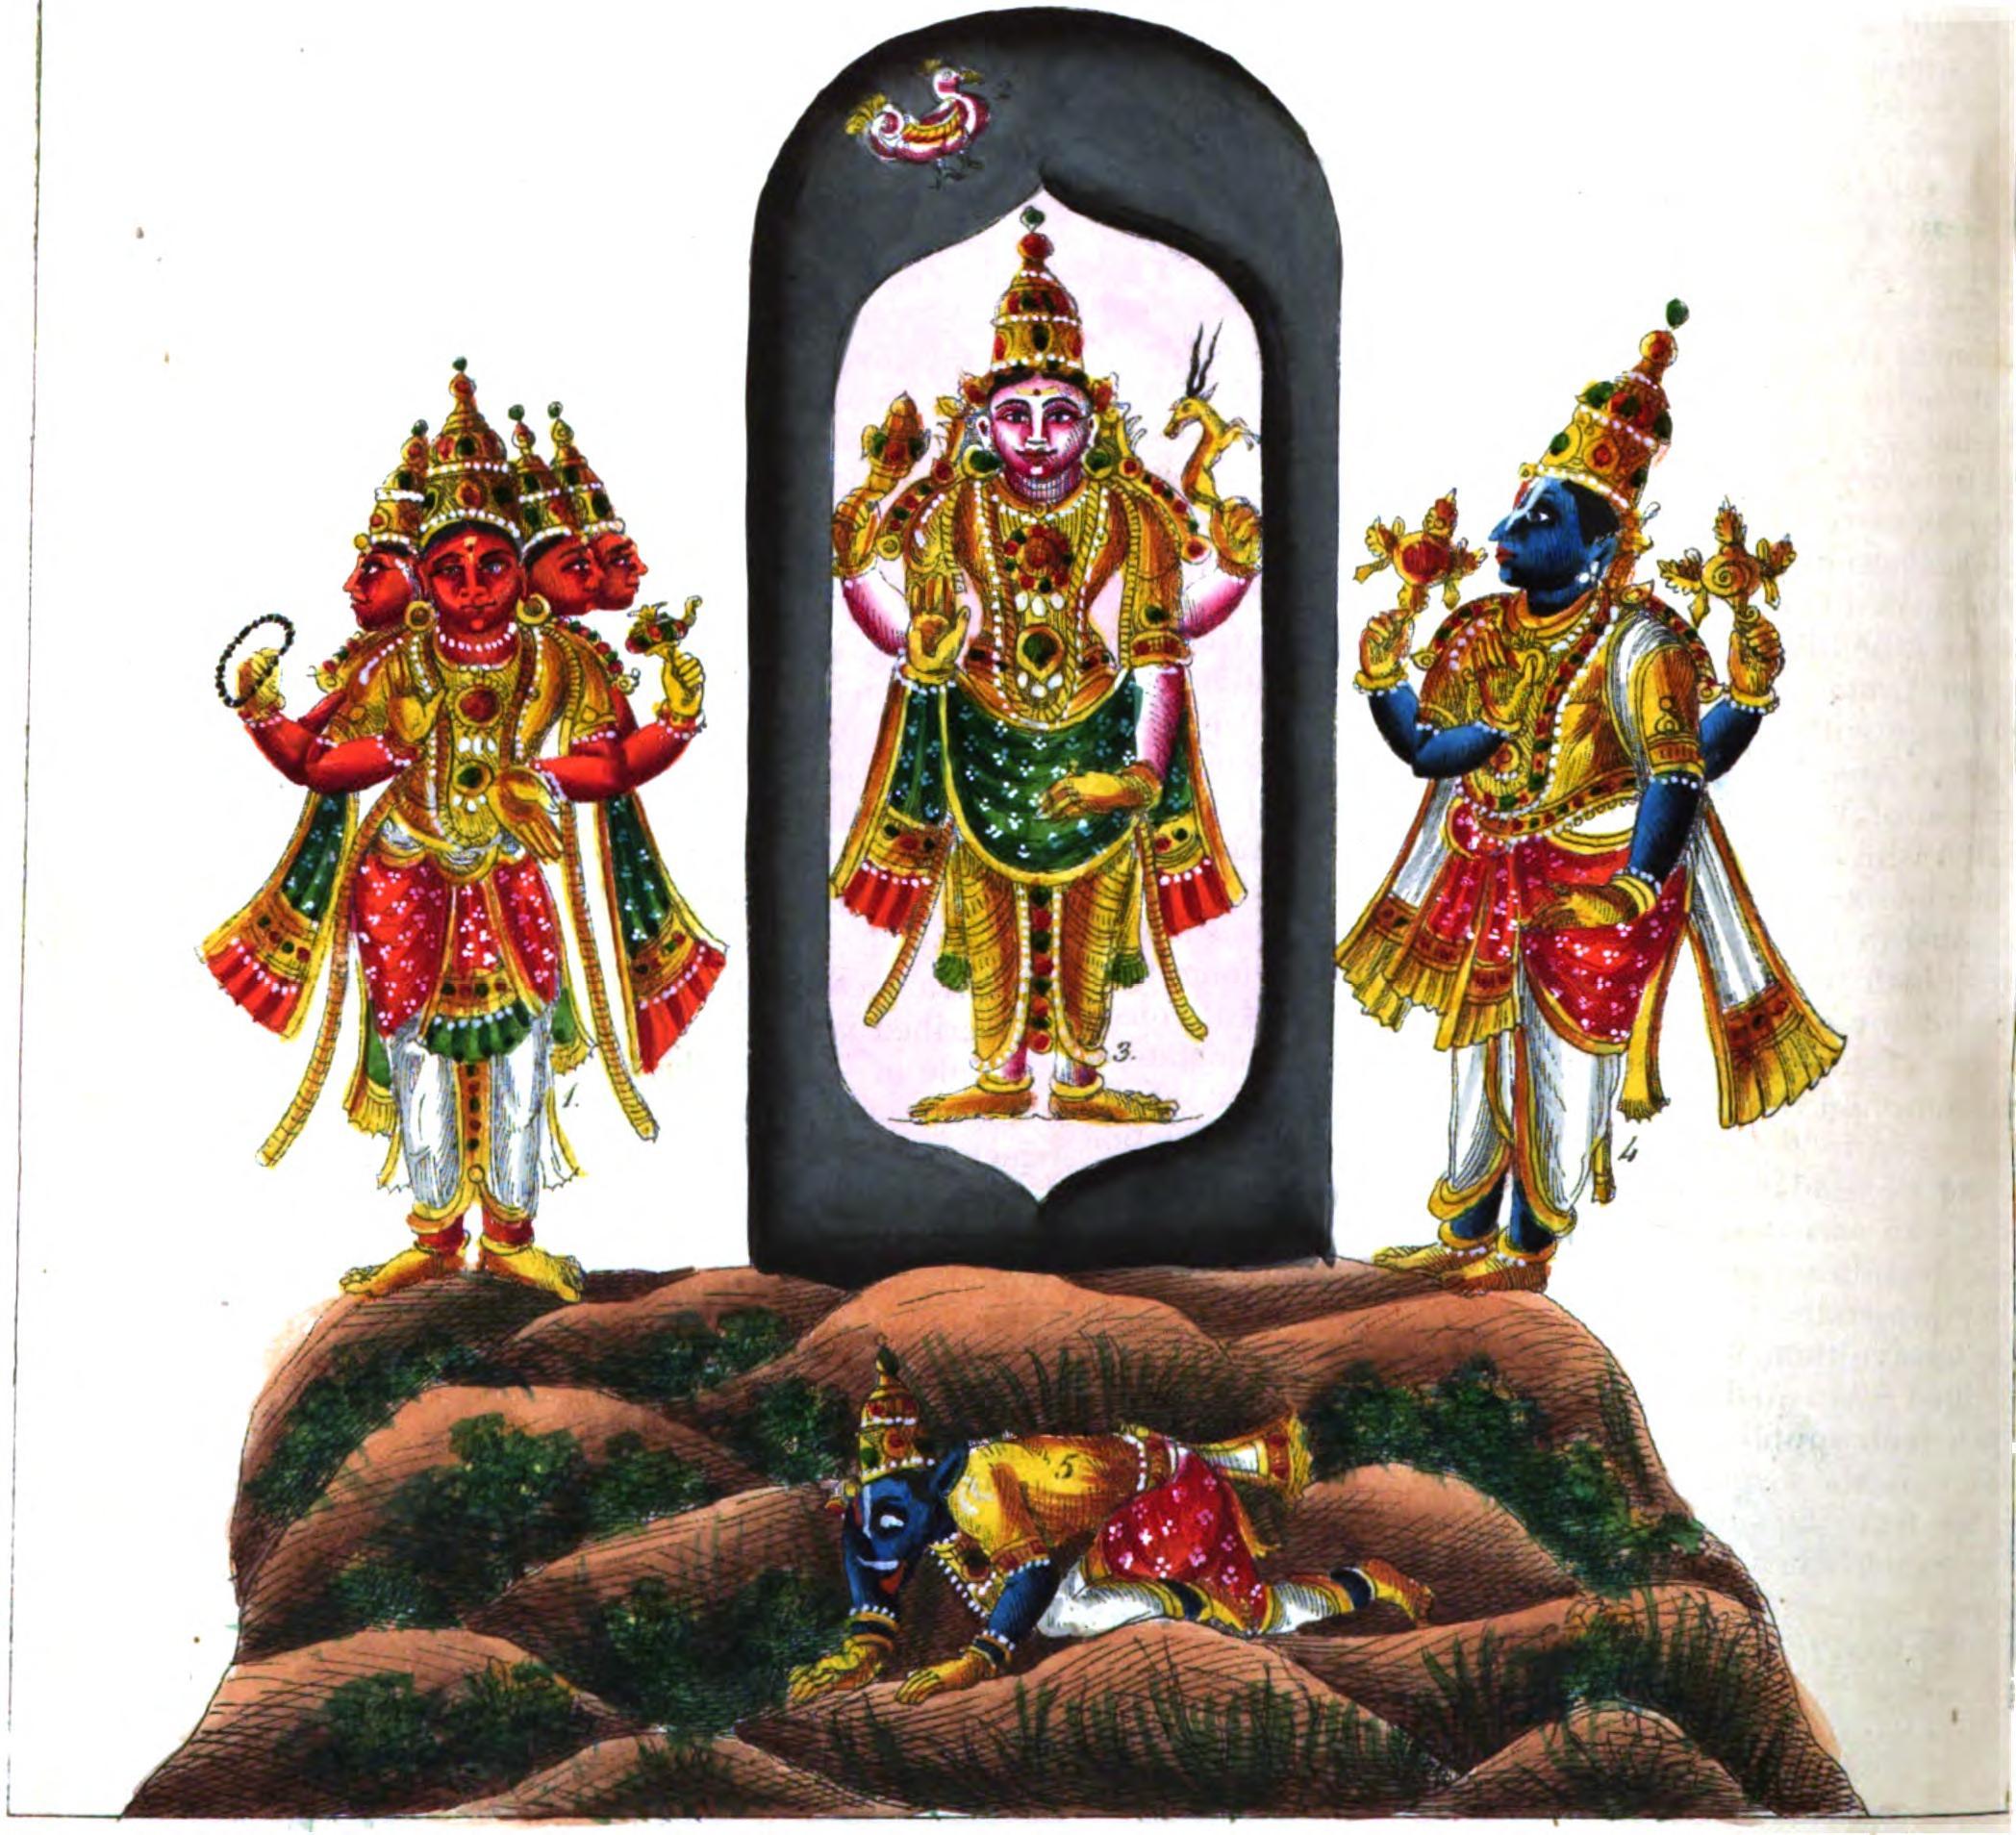 File:Lingodbhava murti JPG - Wikimedia Commons